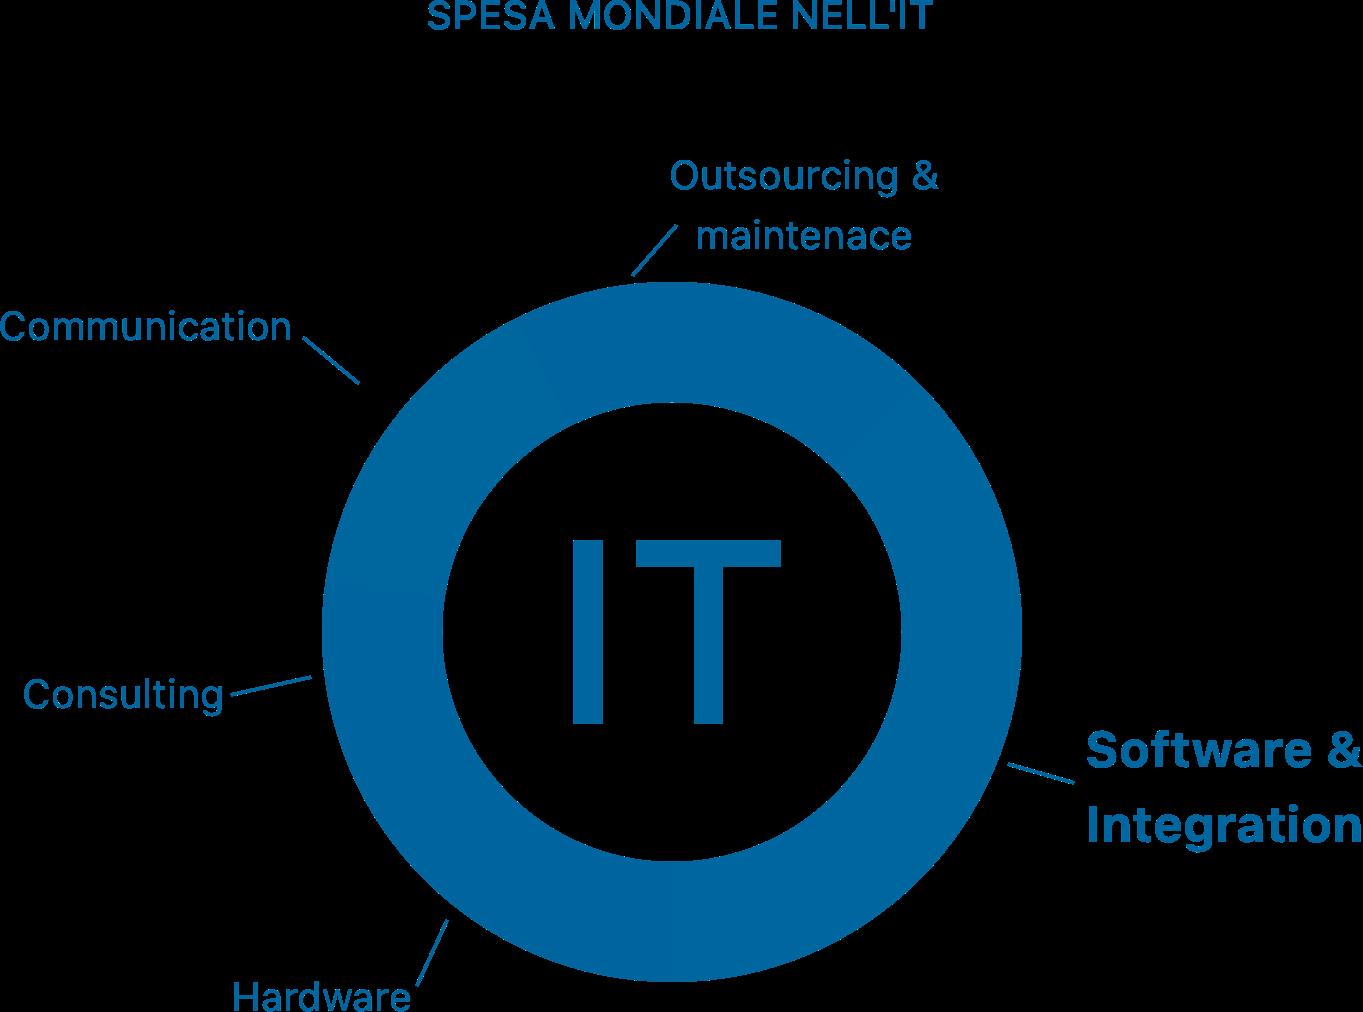 Spesa mondiale per l'IT - B Human S.r.l. sviluppo software e system integration